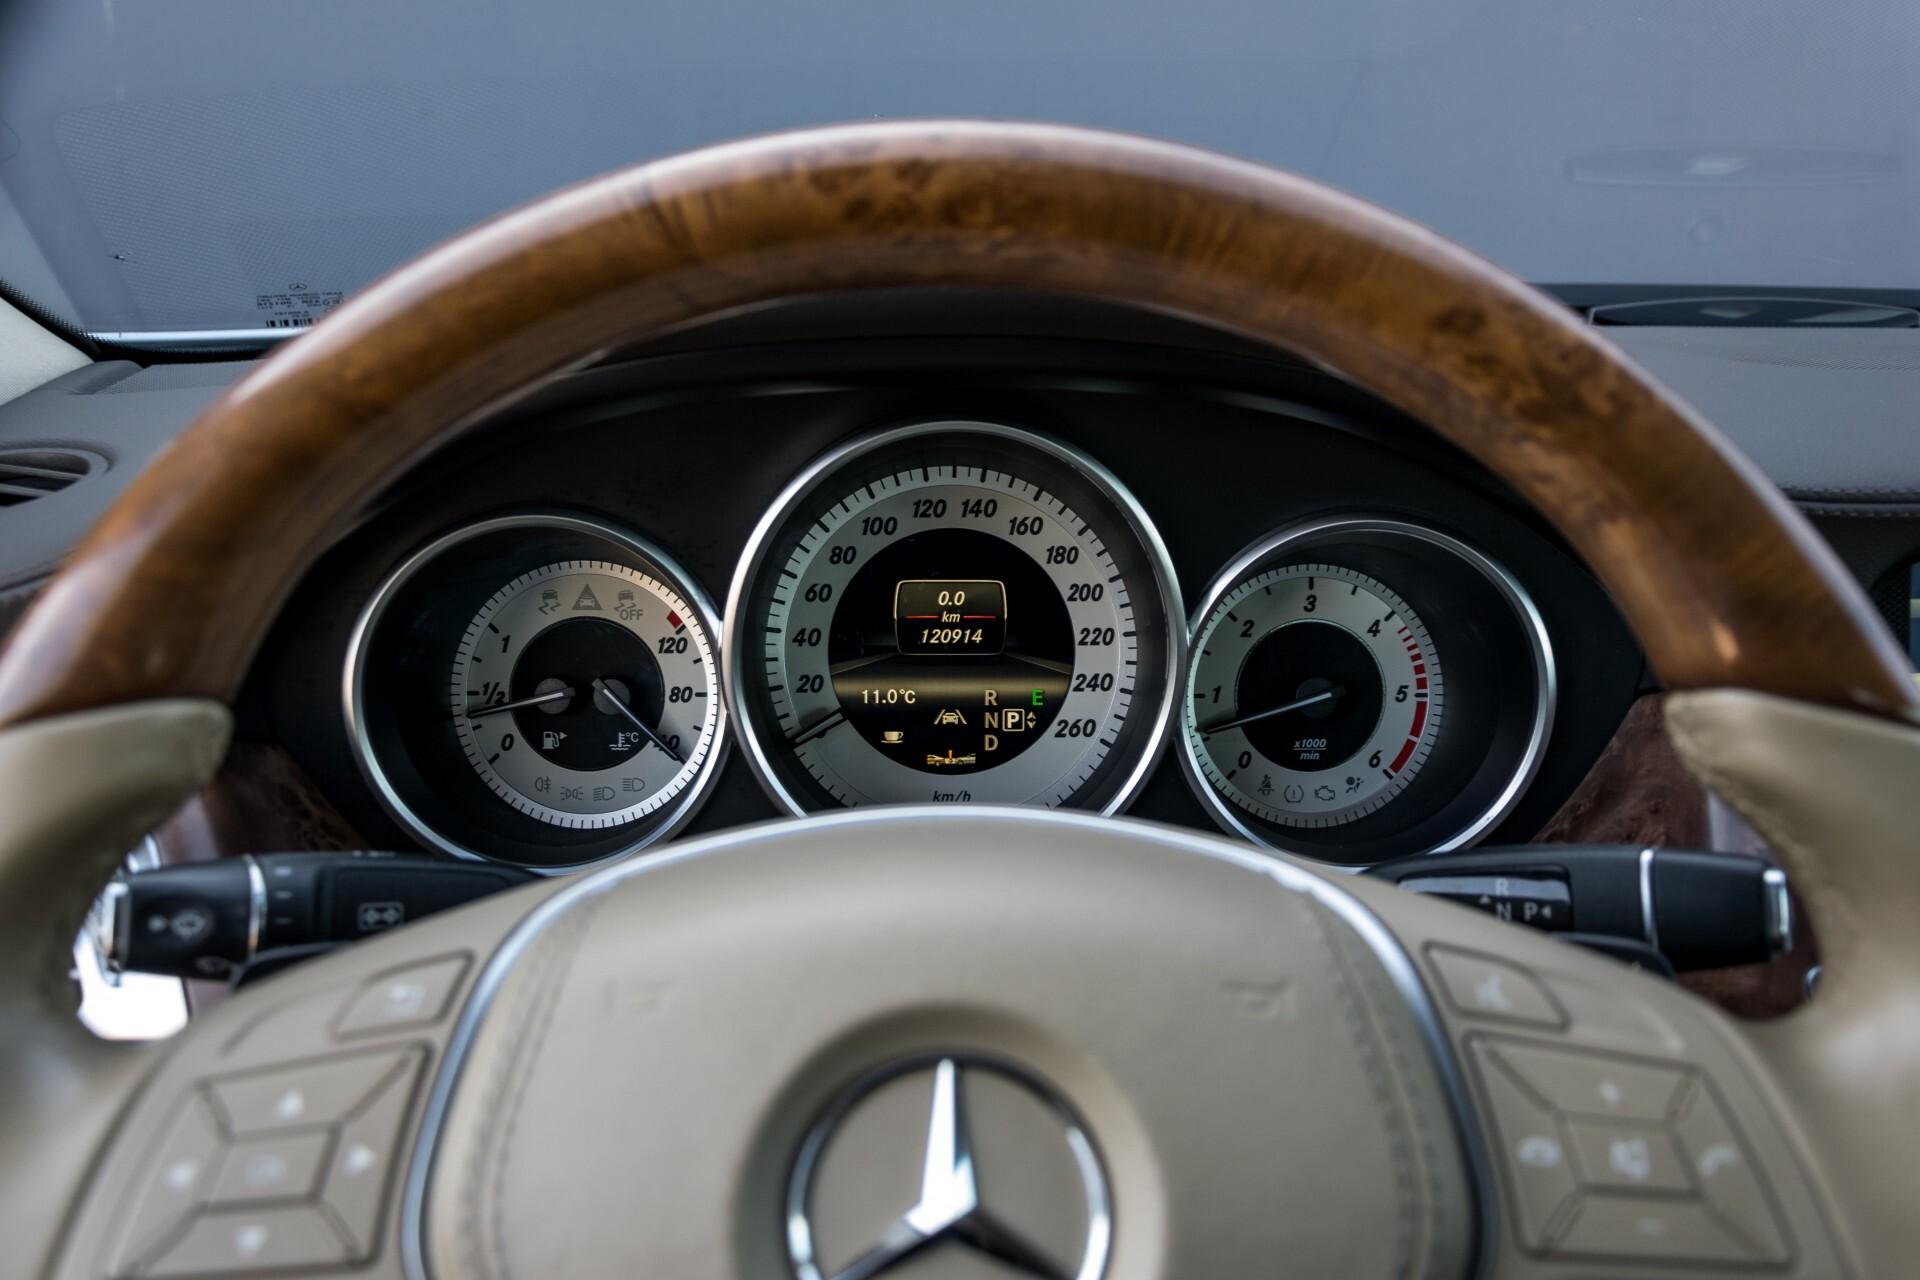 Mercedes-Benz CLS-Klasse 350 Cdi Luchtvering/Distronic/Nachtzicht/AMG/Comand/ILS Aut7 Foto 13